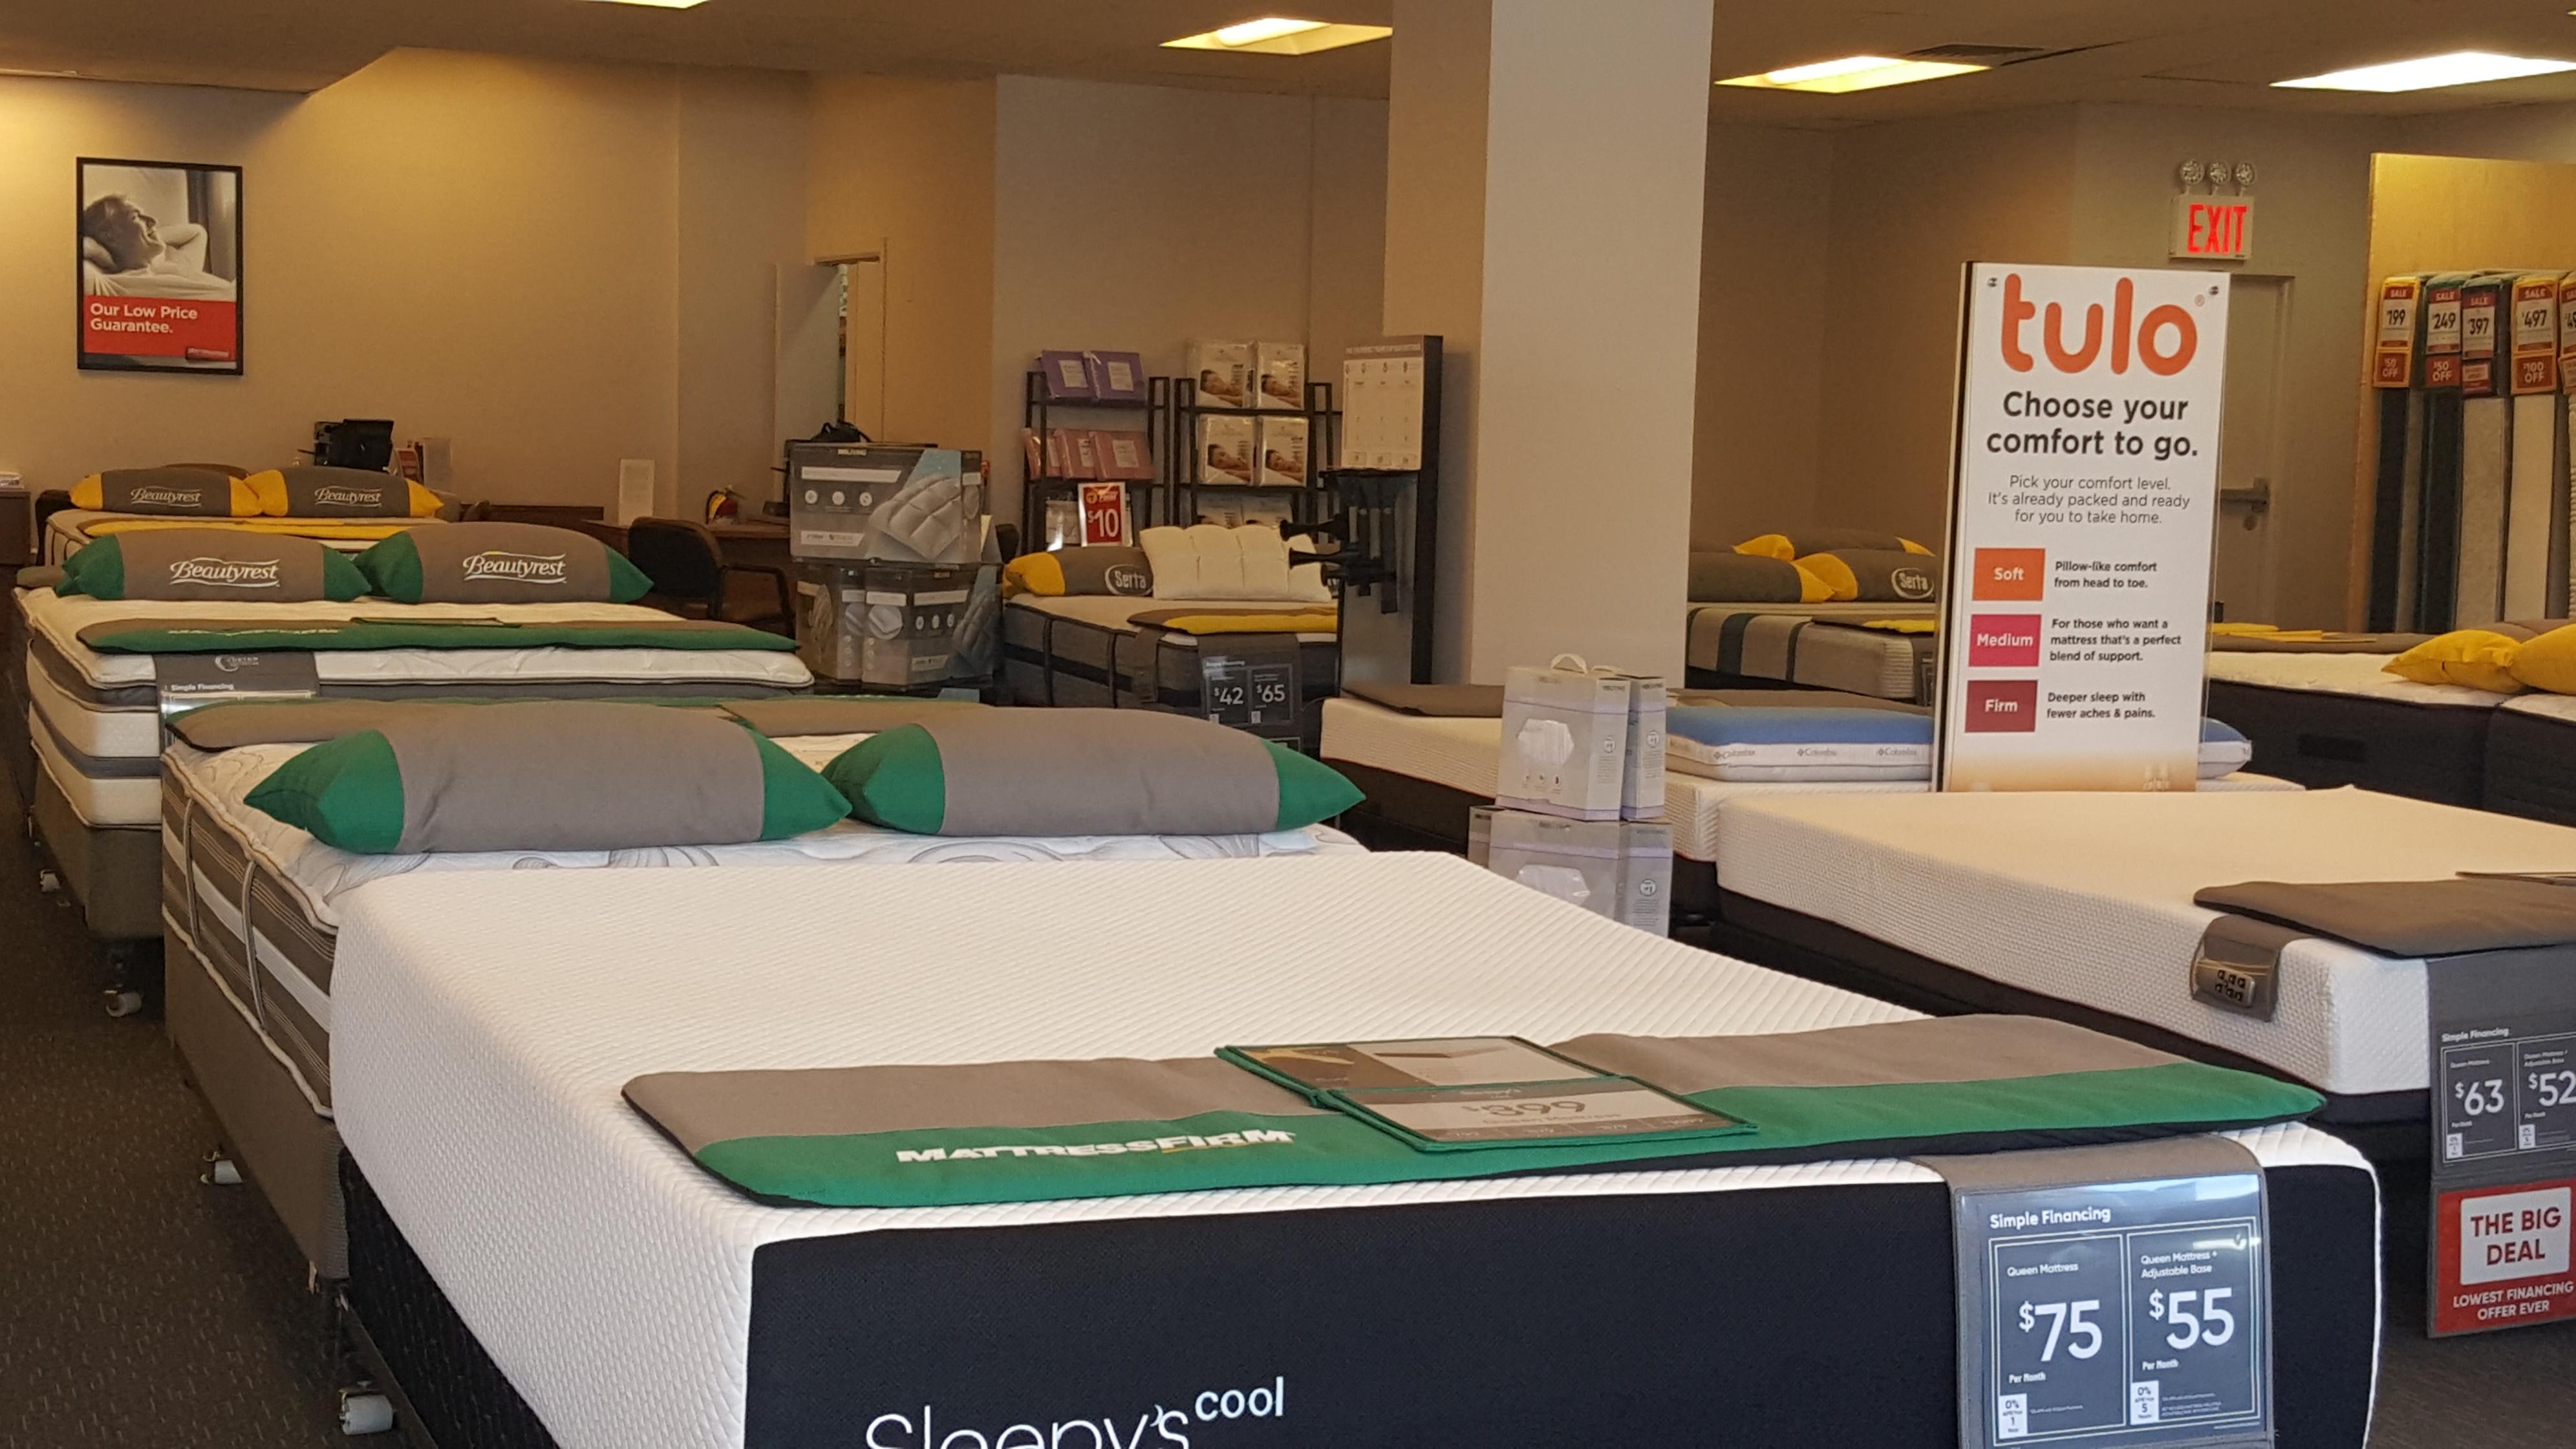 Mattress Firm Elmhurst Clearance image 8